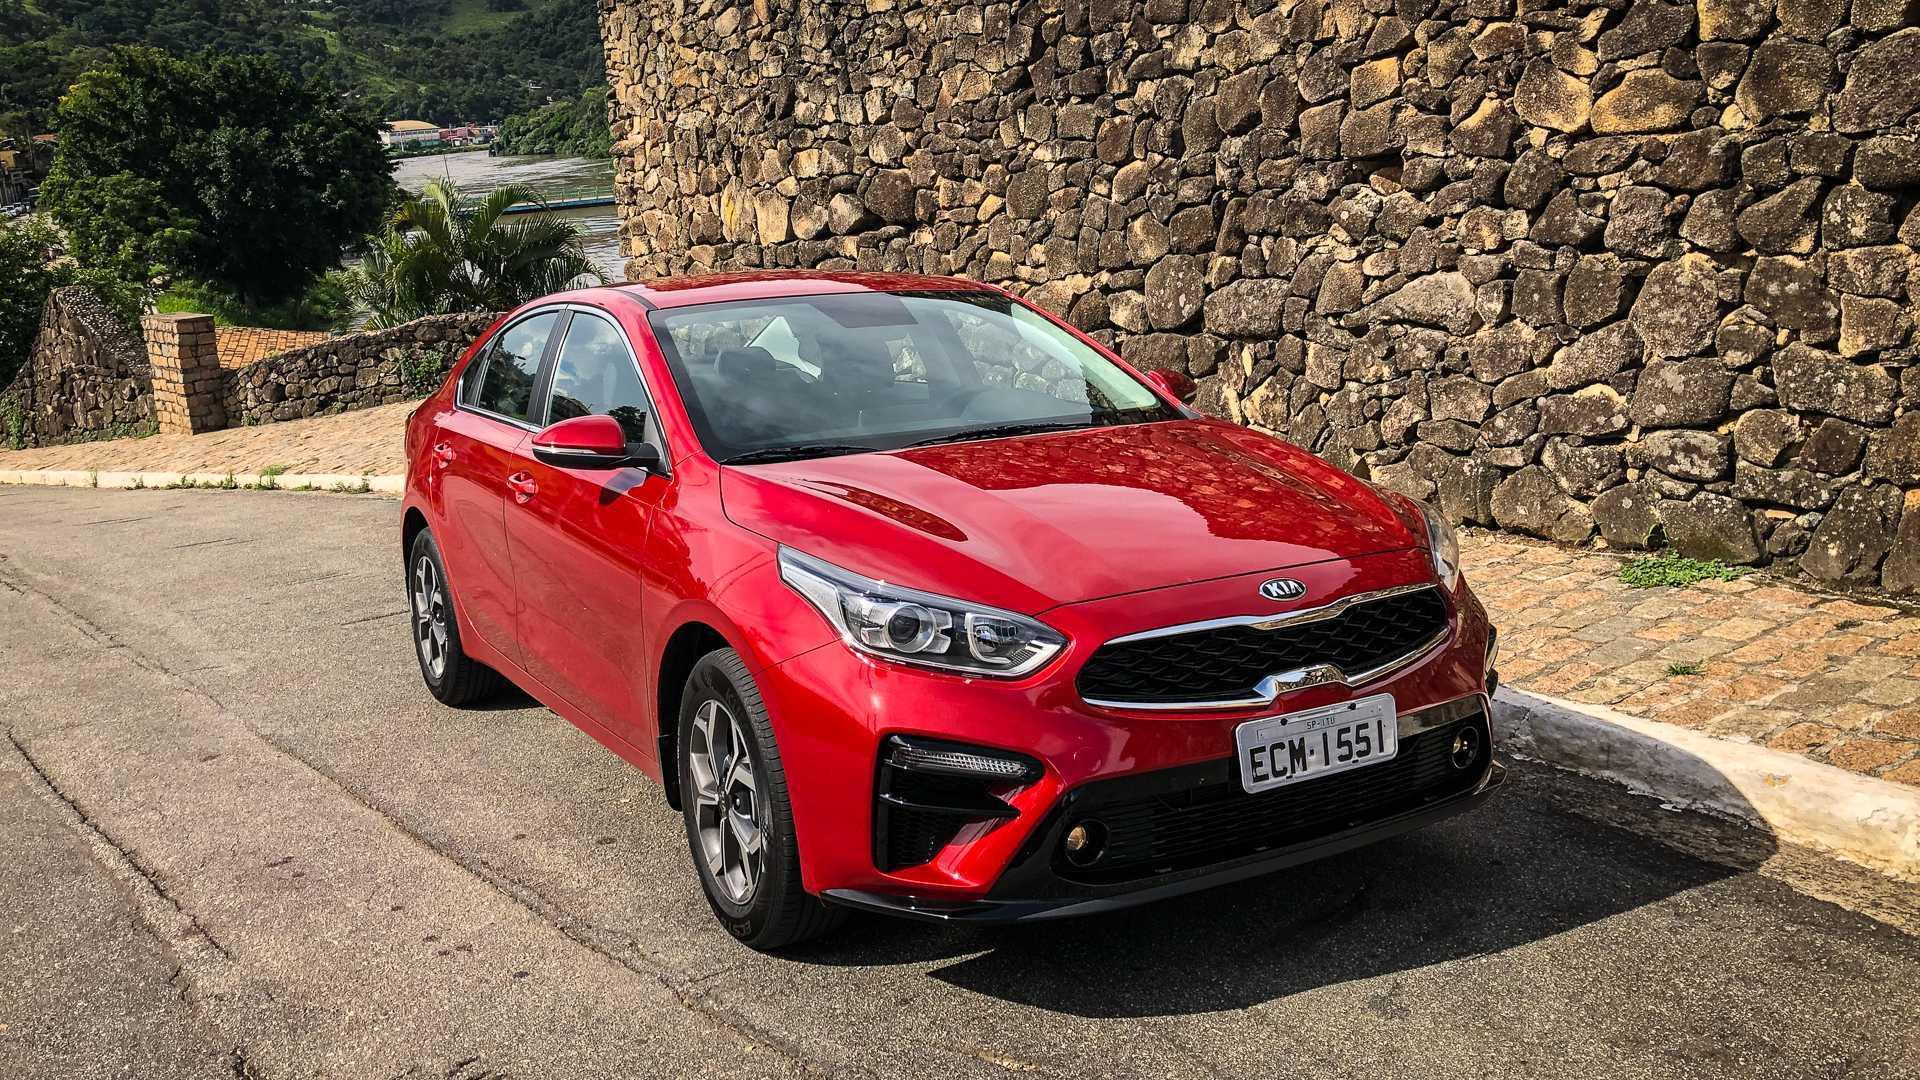 Teste: Novo Kia Cerato 2.0 é alternativa séria a Corolla e Civic?